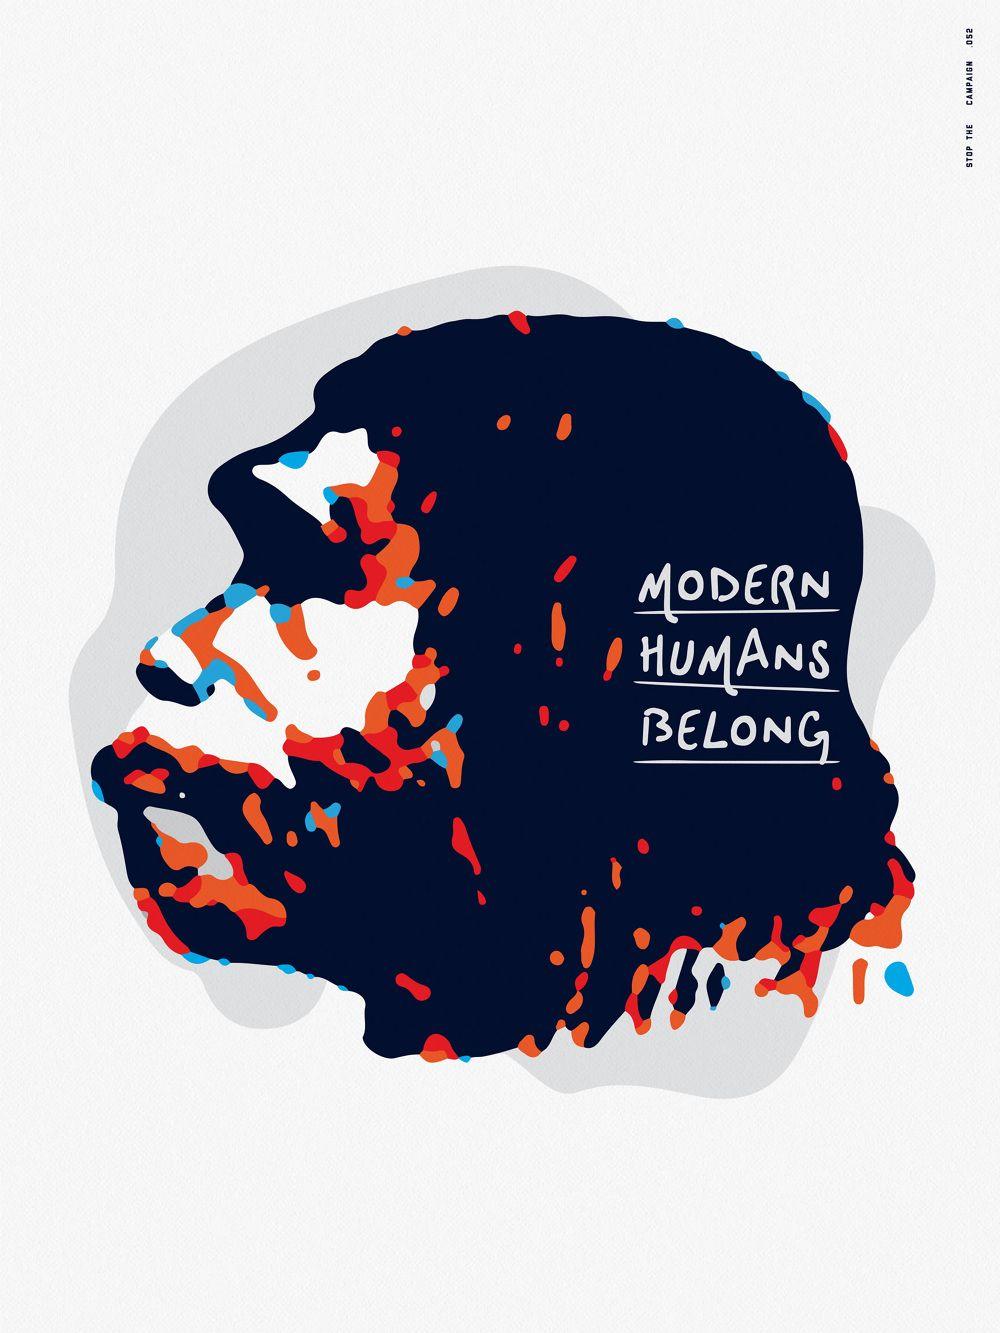 Modern humans belong http://stopthecampaign.com/Modern-humans-belong #StopTheCampaign #Think #poster